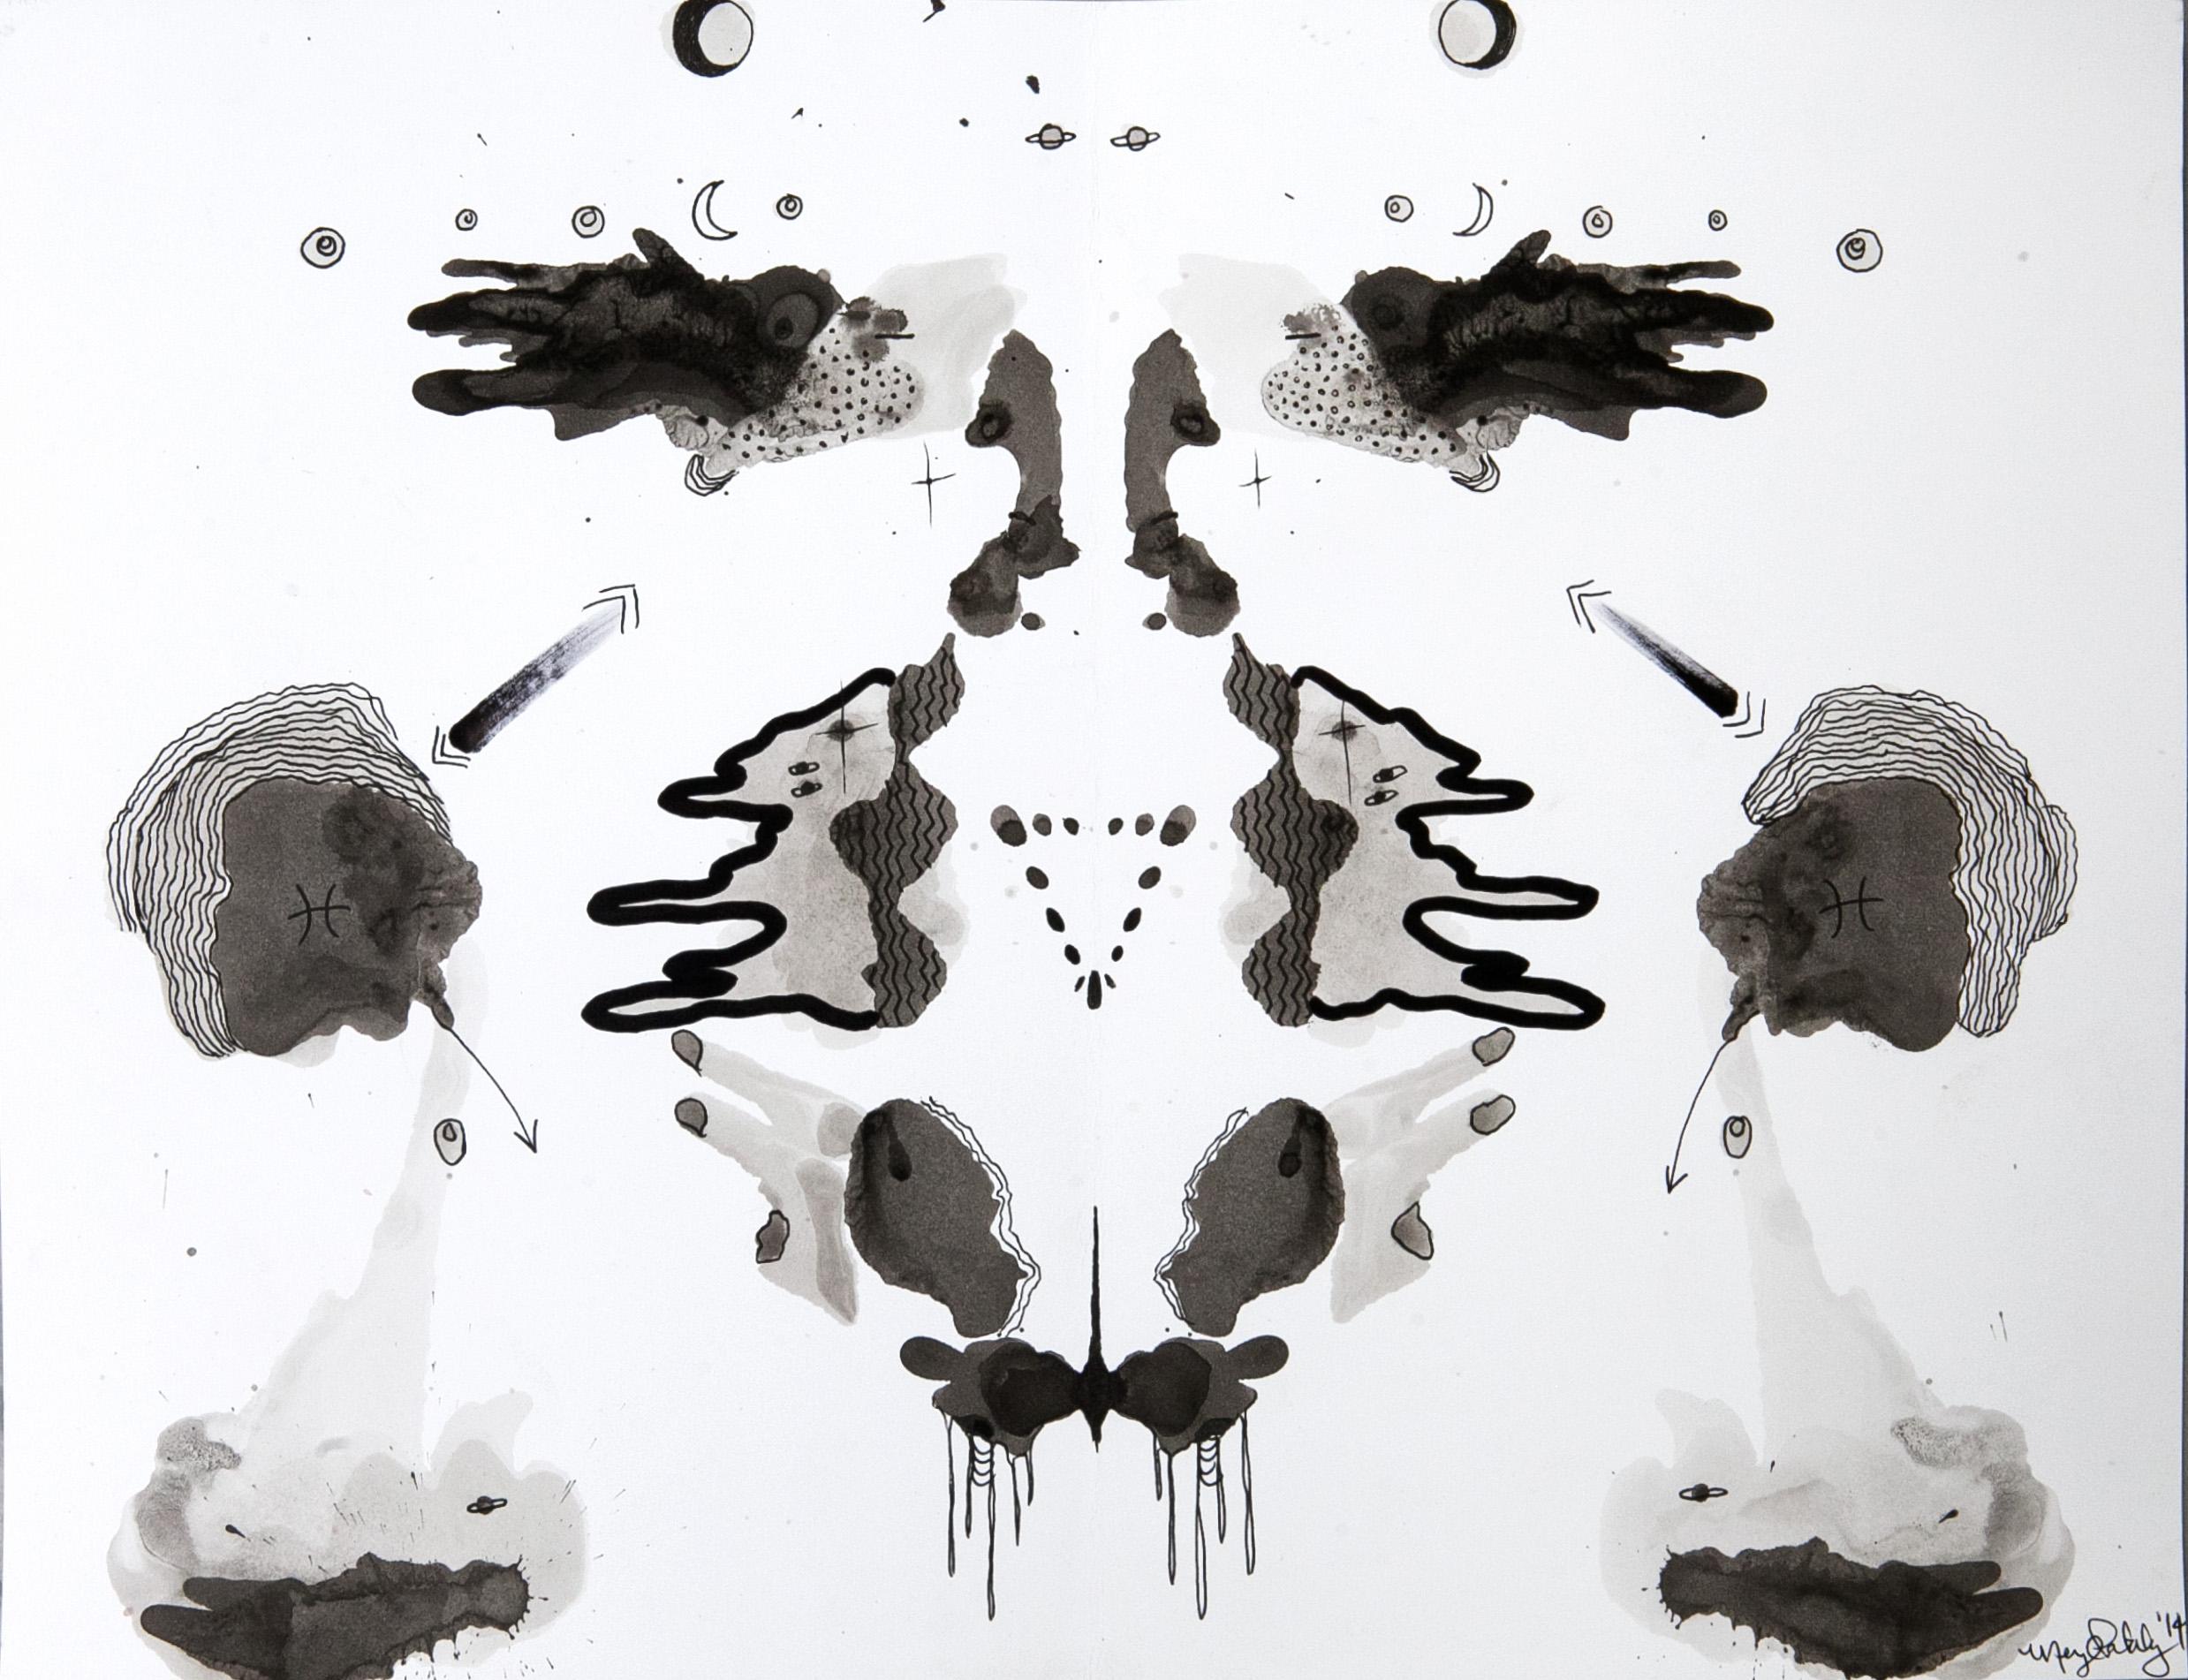 Rorschach Study 5